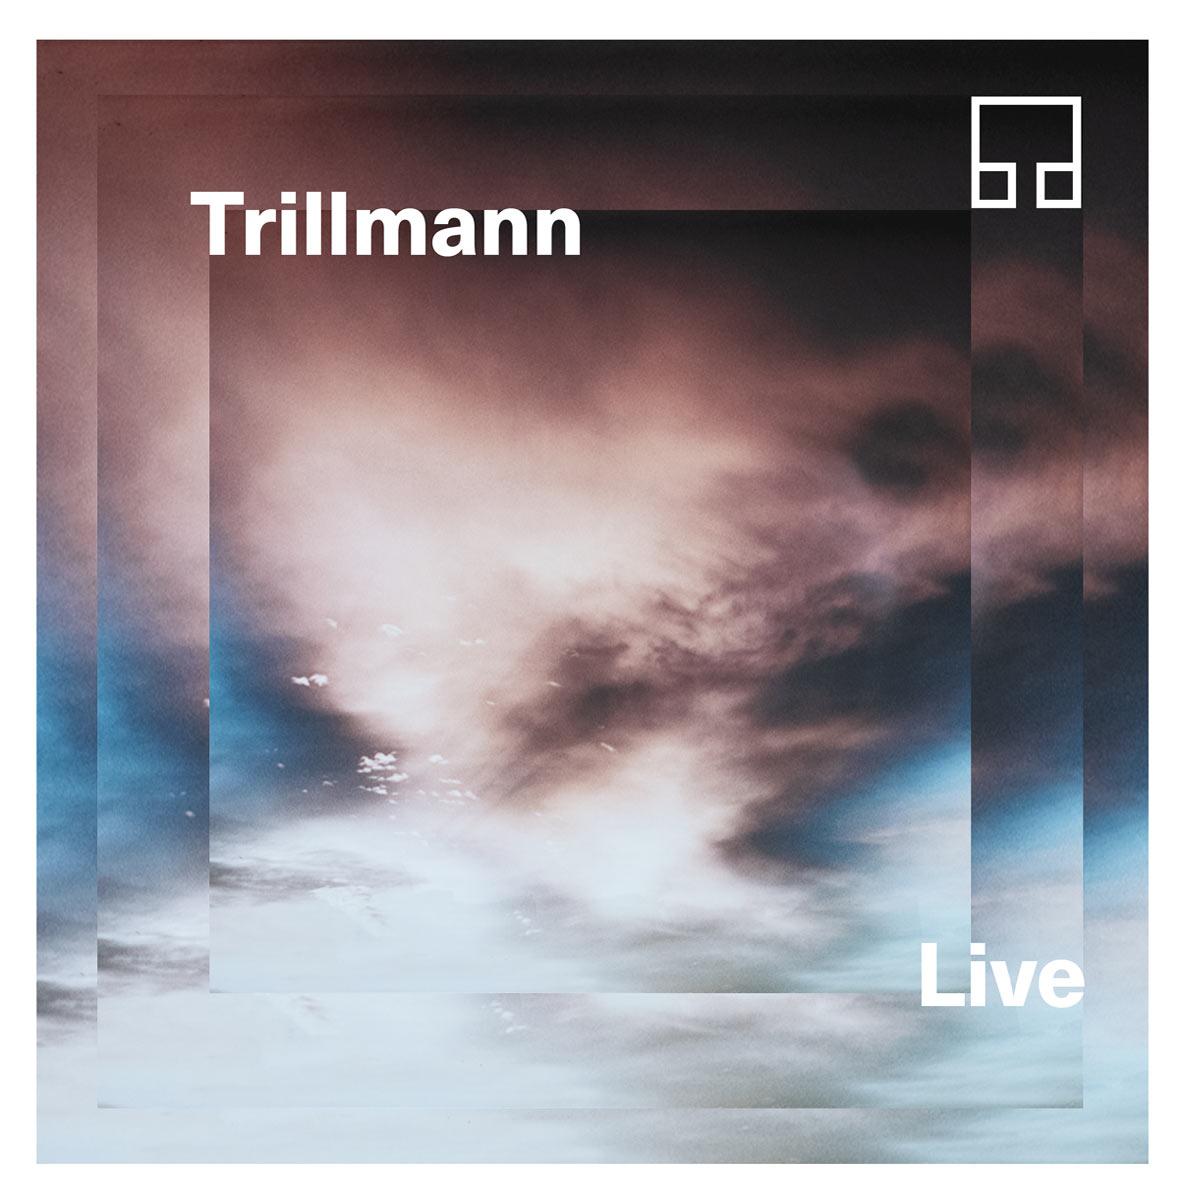 Trillmann